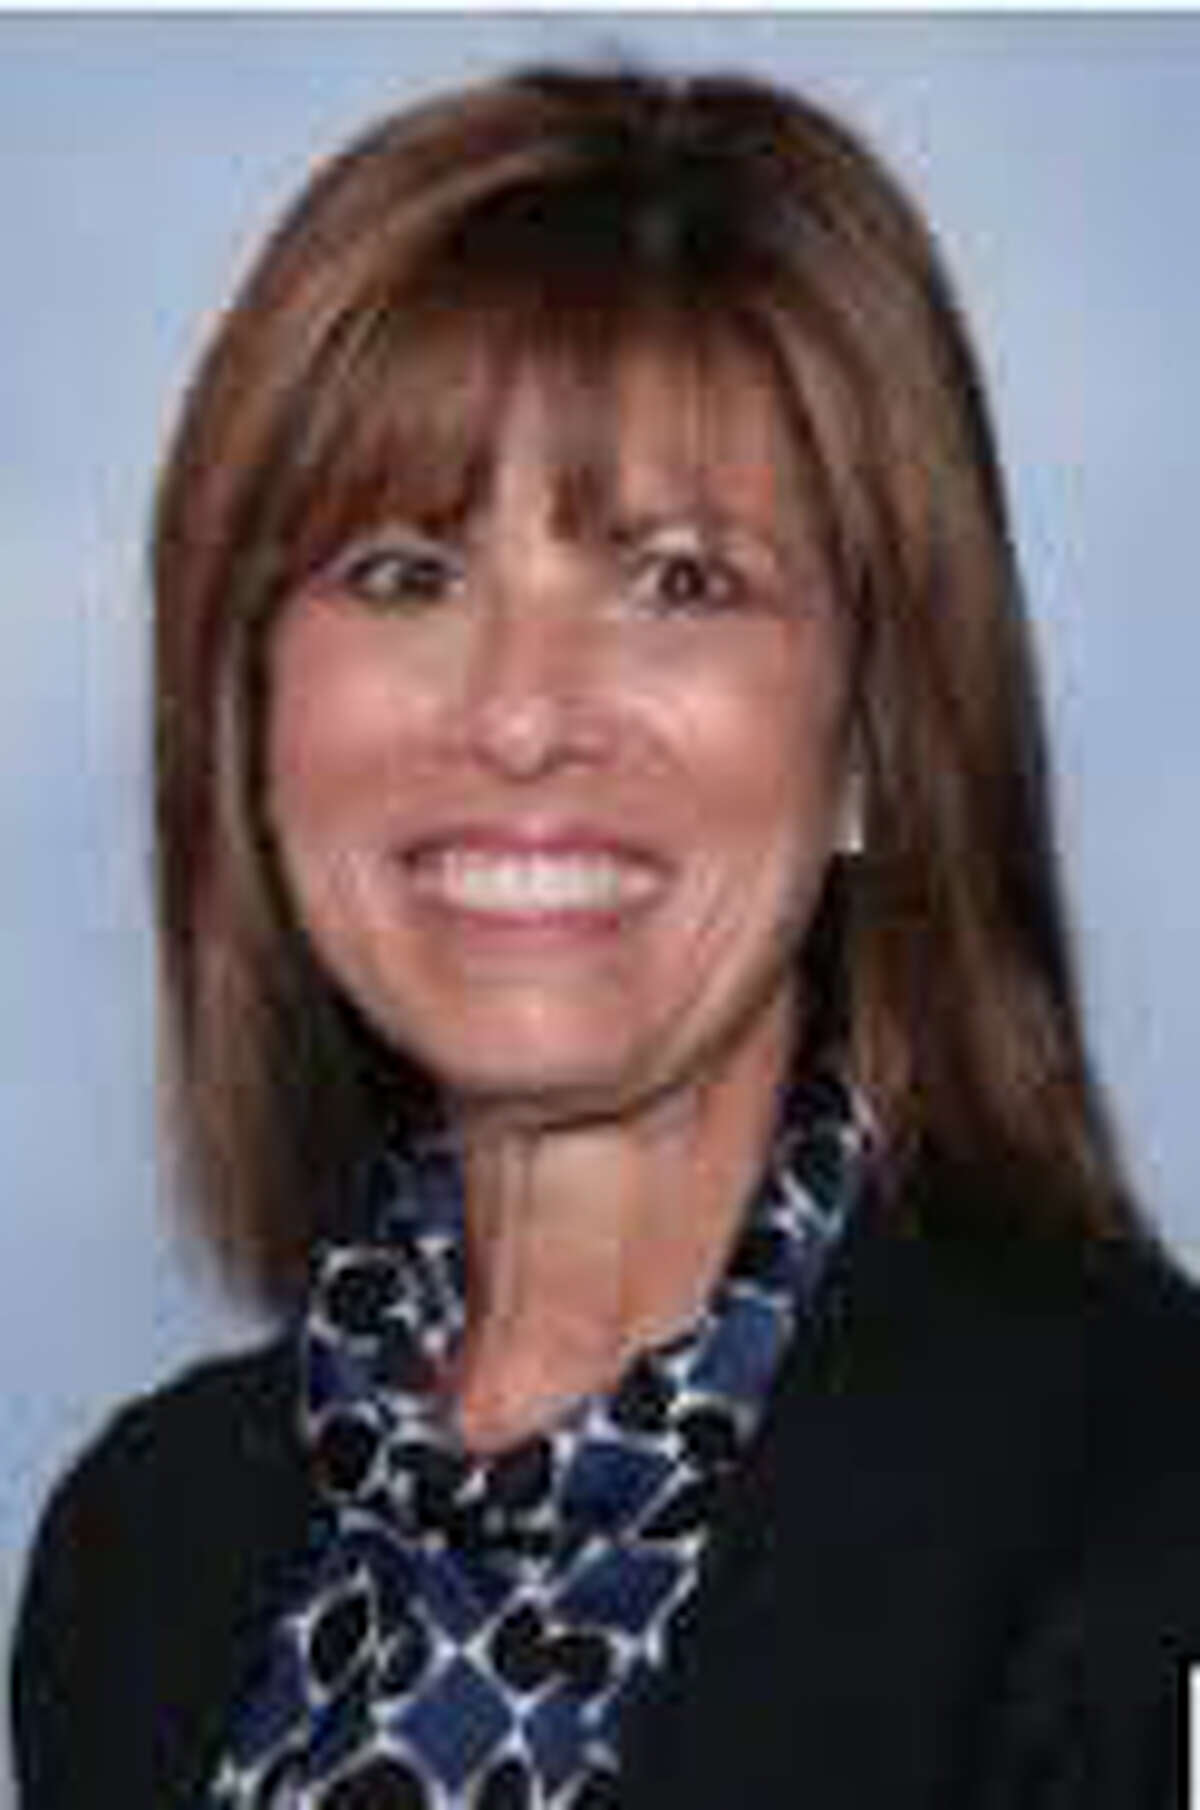 Sandy Steichen, chairman of the Danbury Board of Education